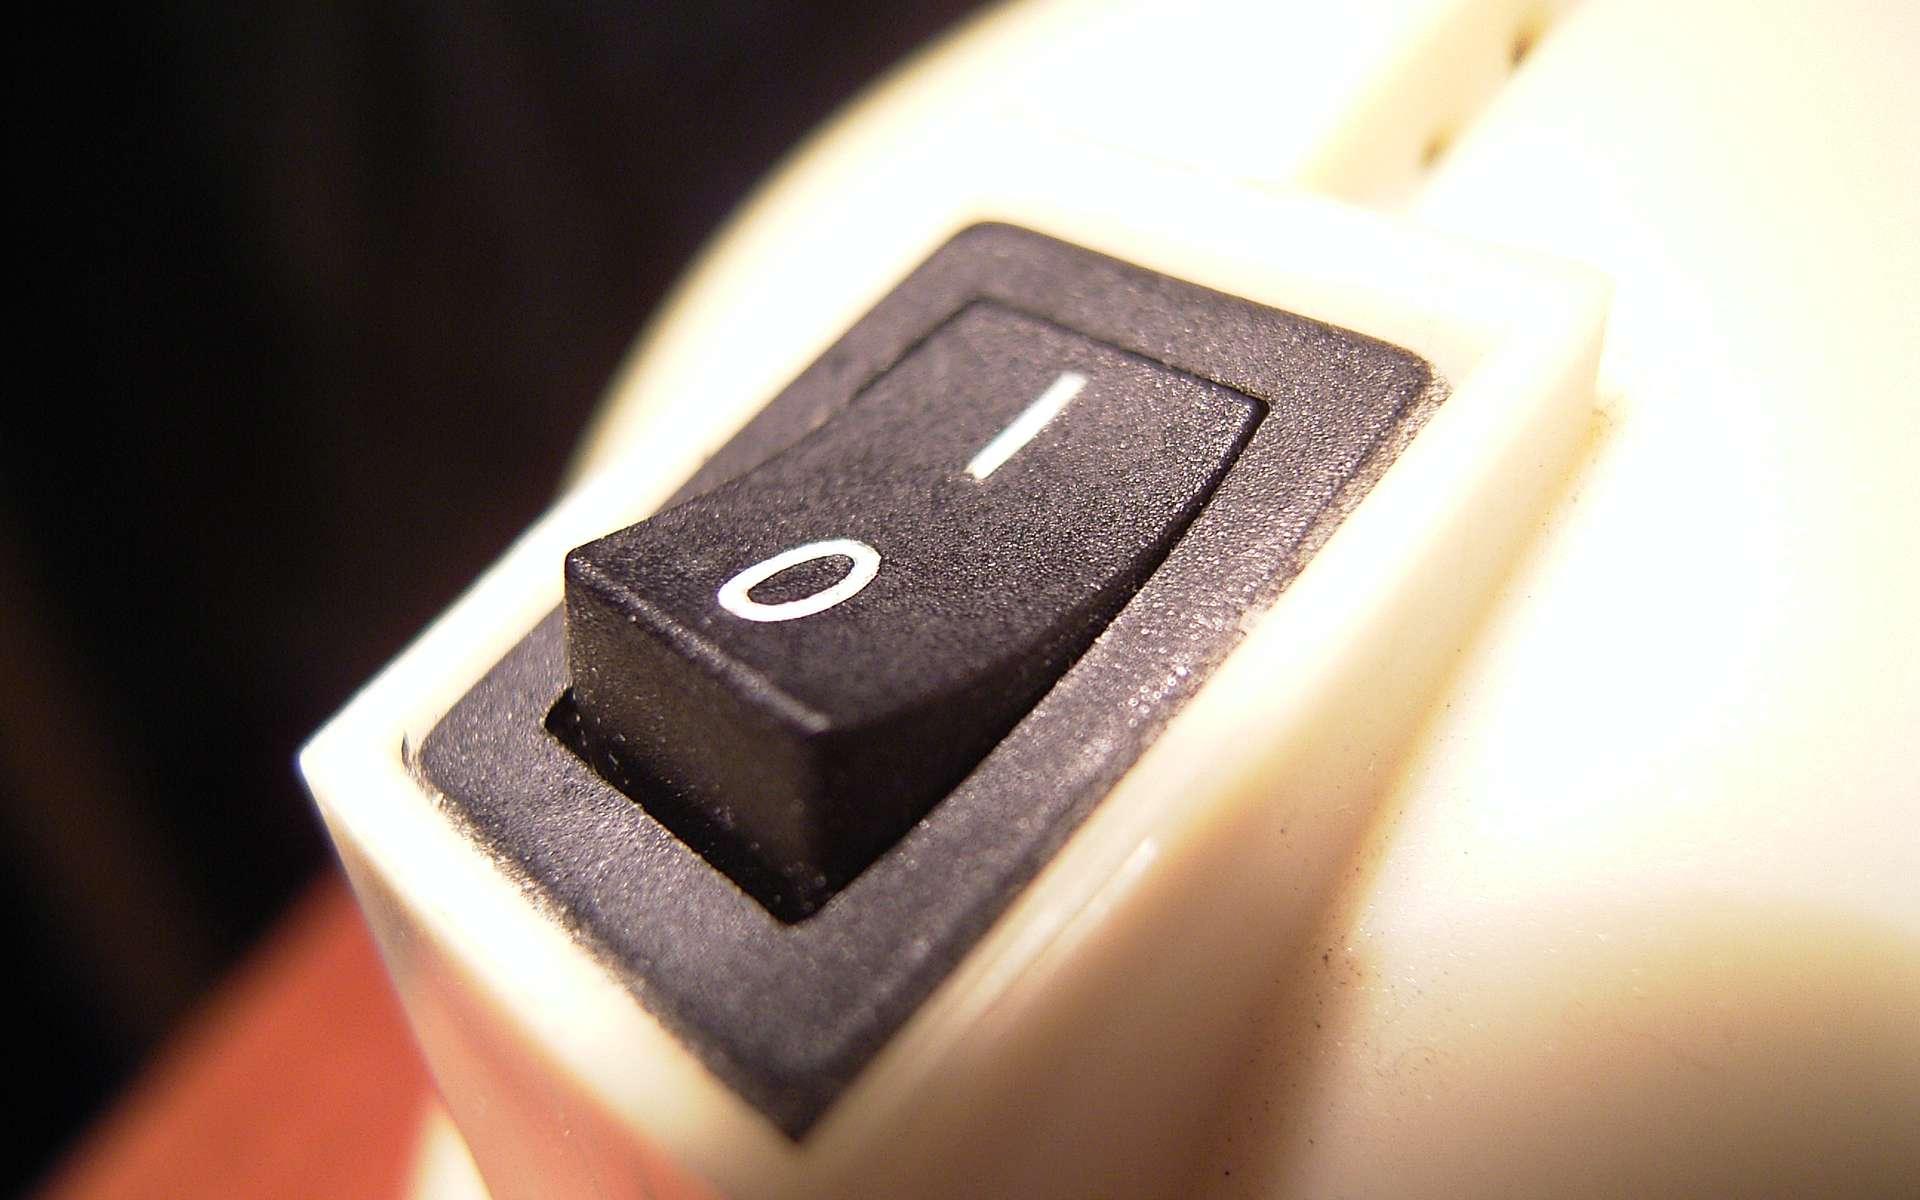 Un interrupteur unipolaire peut être branché presque n'importe où. © Stefan-Xp, Wikimedia Commons, CC BY-SA 3.0